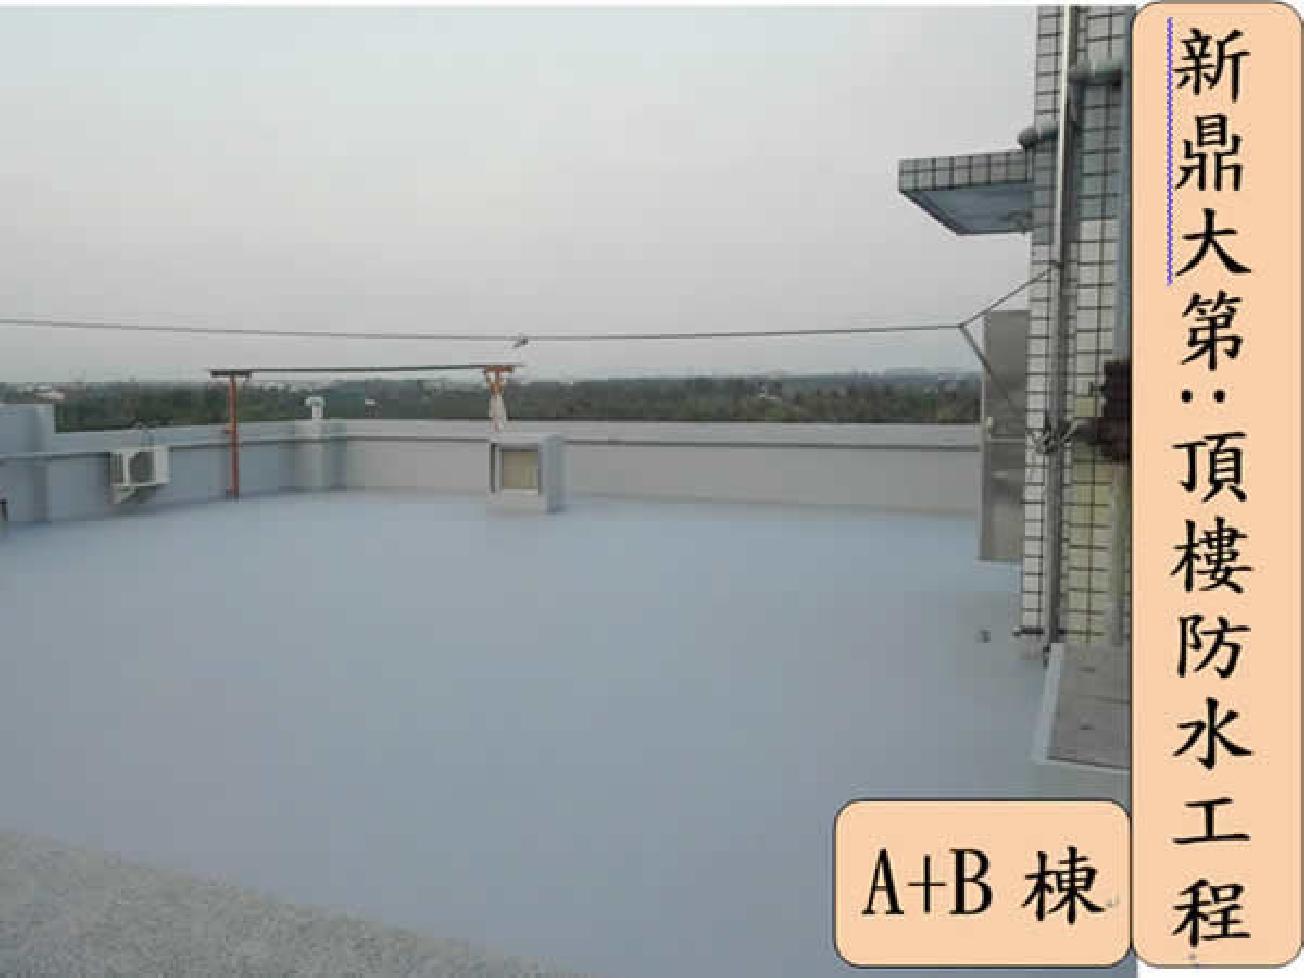 屏東新鼎大第A+B棟,頂樓防水工程